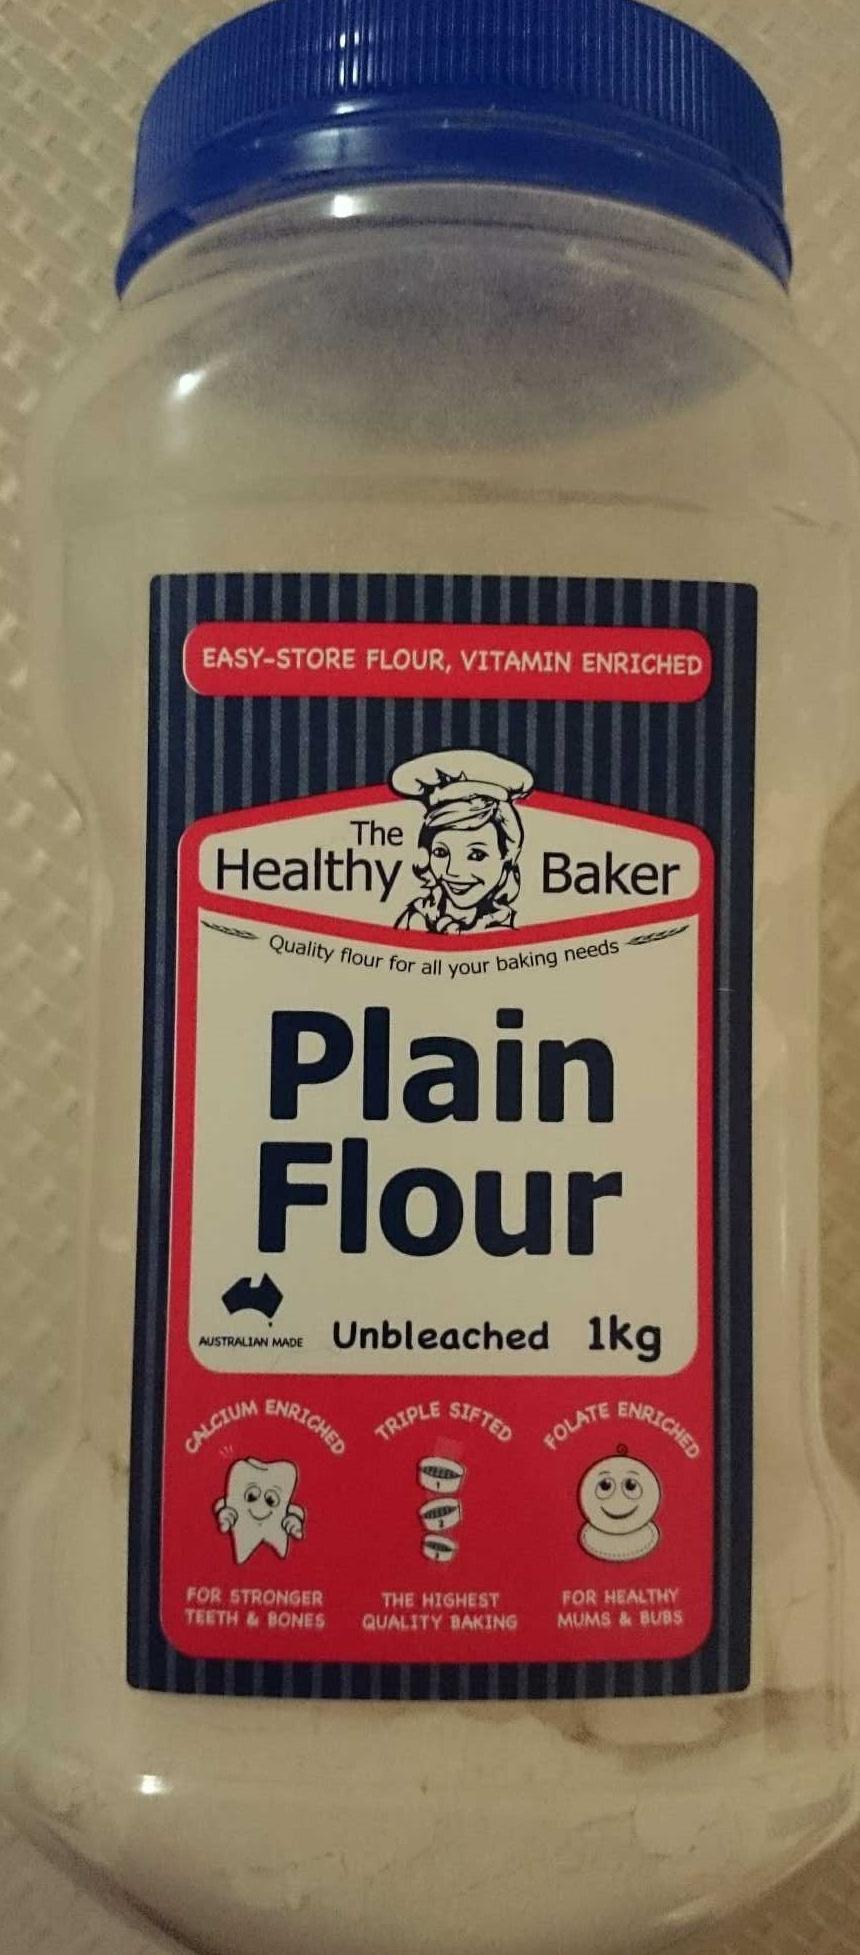 Plain Flour - Product